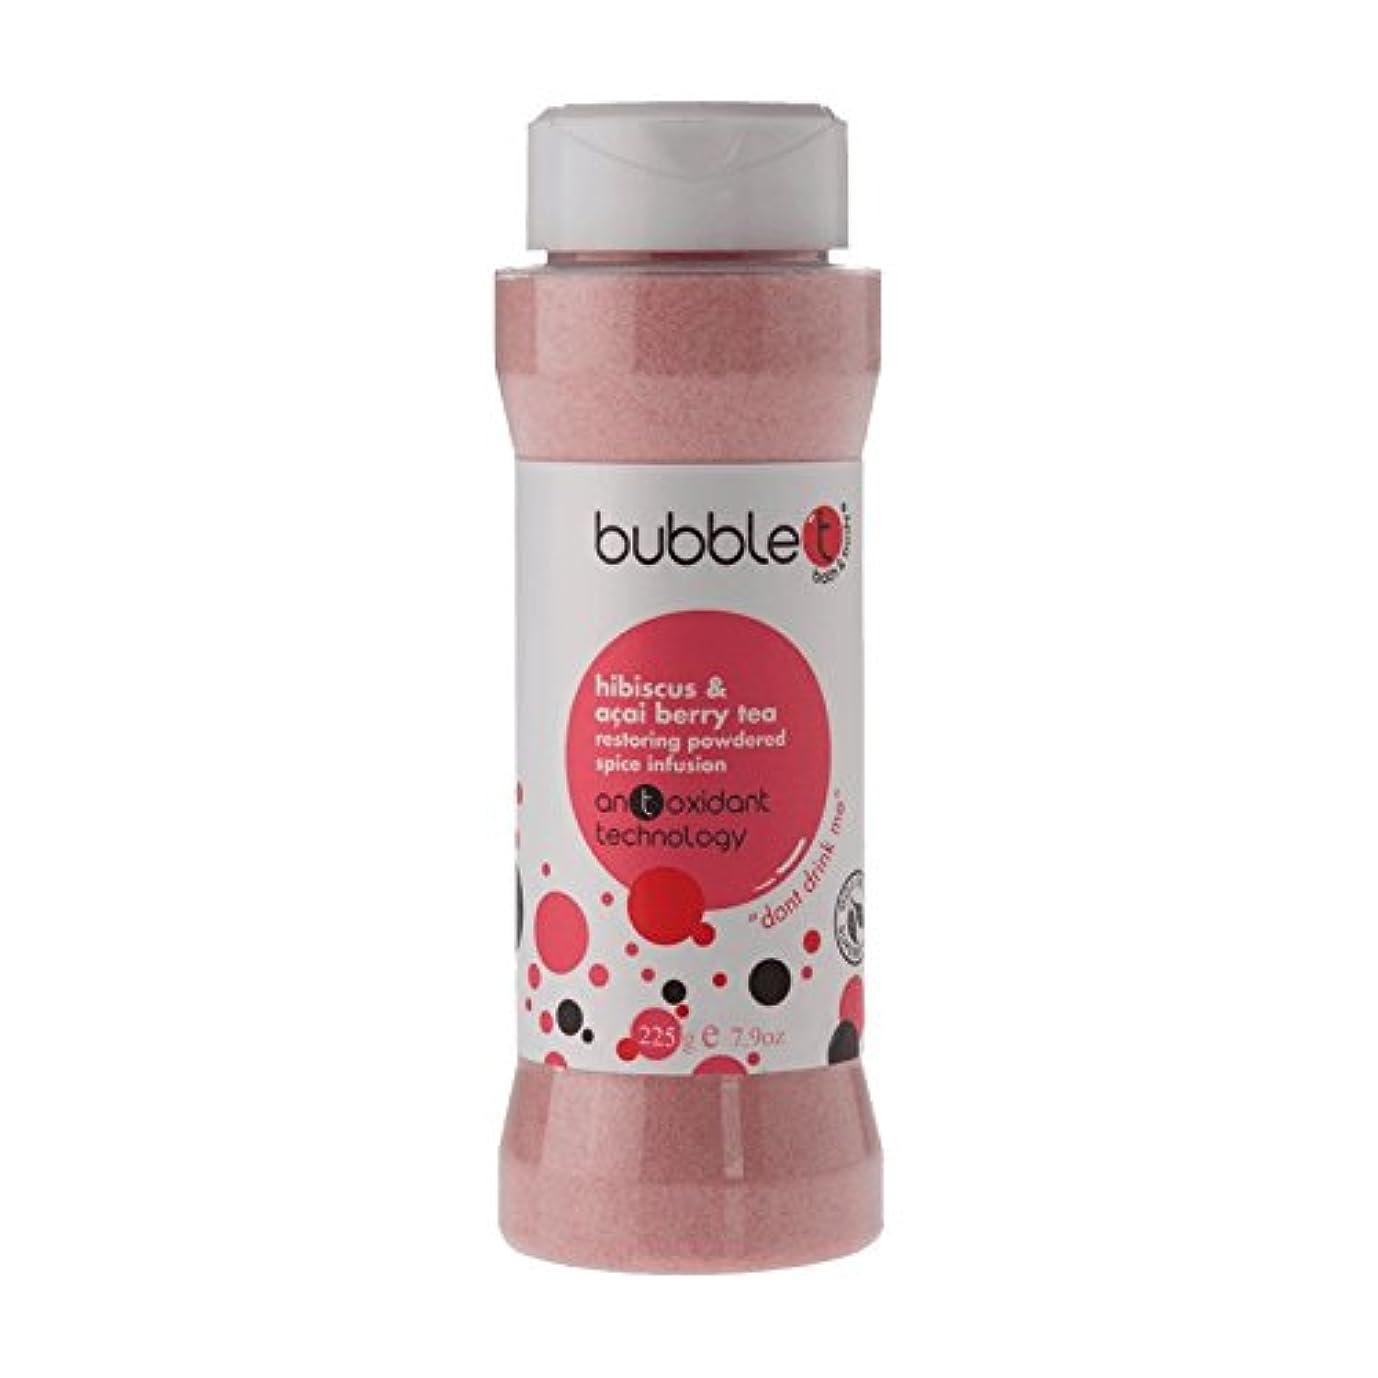 予報基準オプショナルバブルトン風呂スパイス注入ハイビスカス&アサイベリー茶225グラム - Bubble T Bath Spice Infusion Hibiscus & Acai Berry Tea 225g (Bubble T) [並行輸入品]